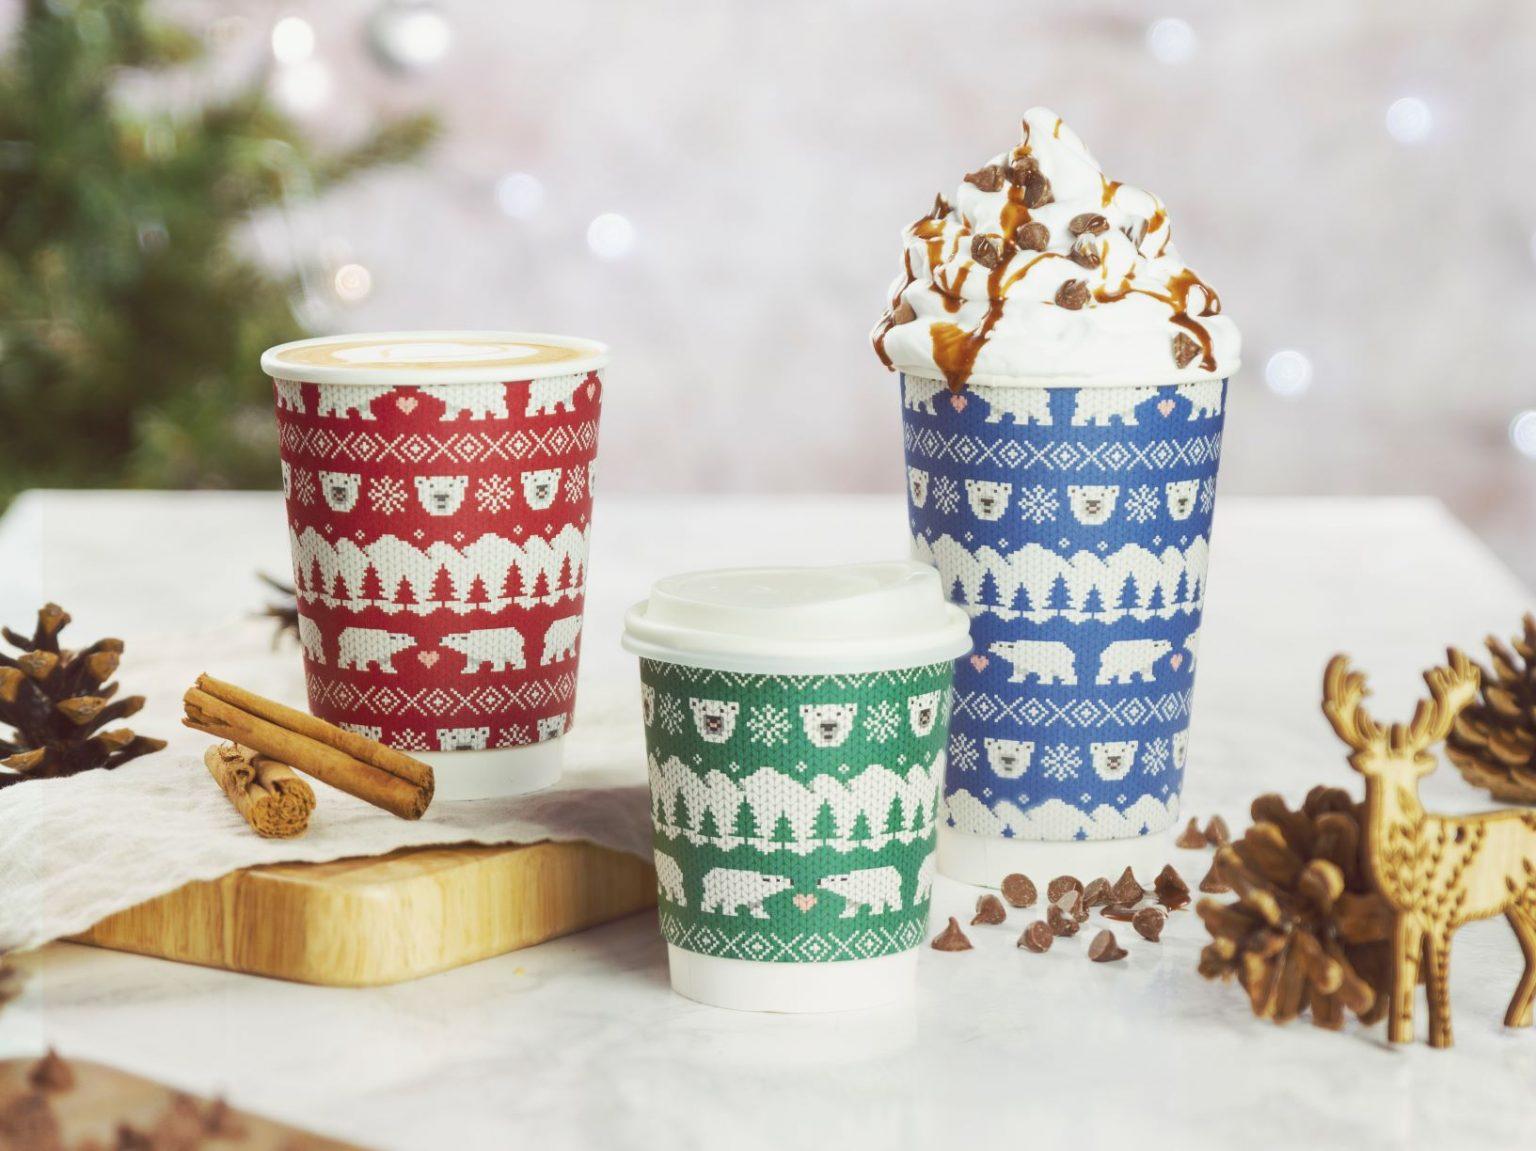 Vegware hotcups